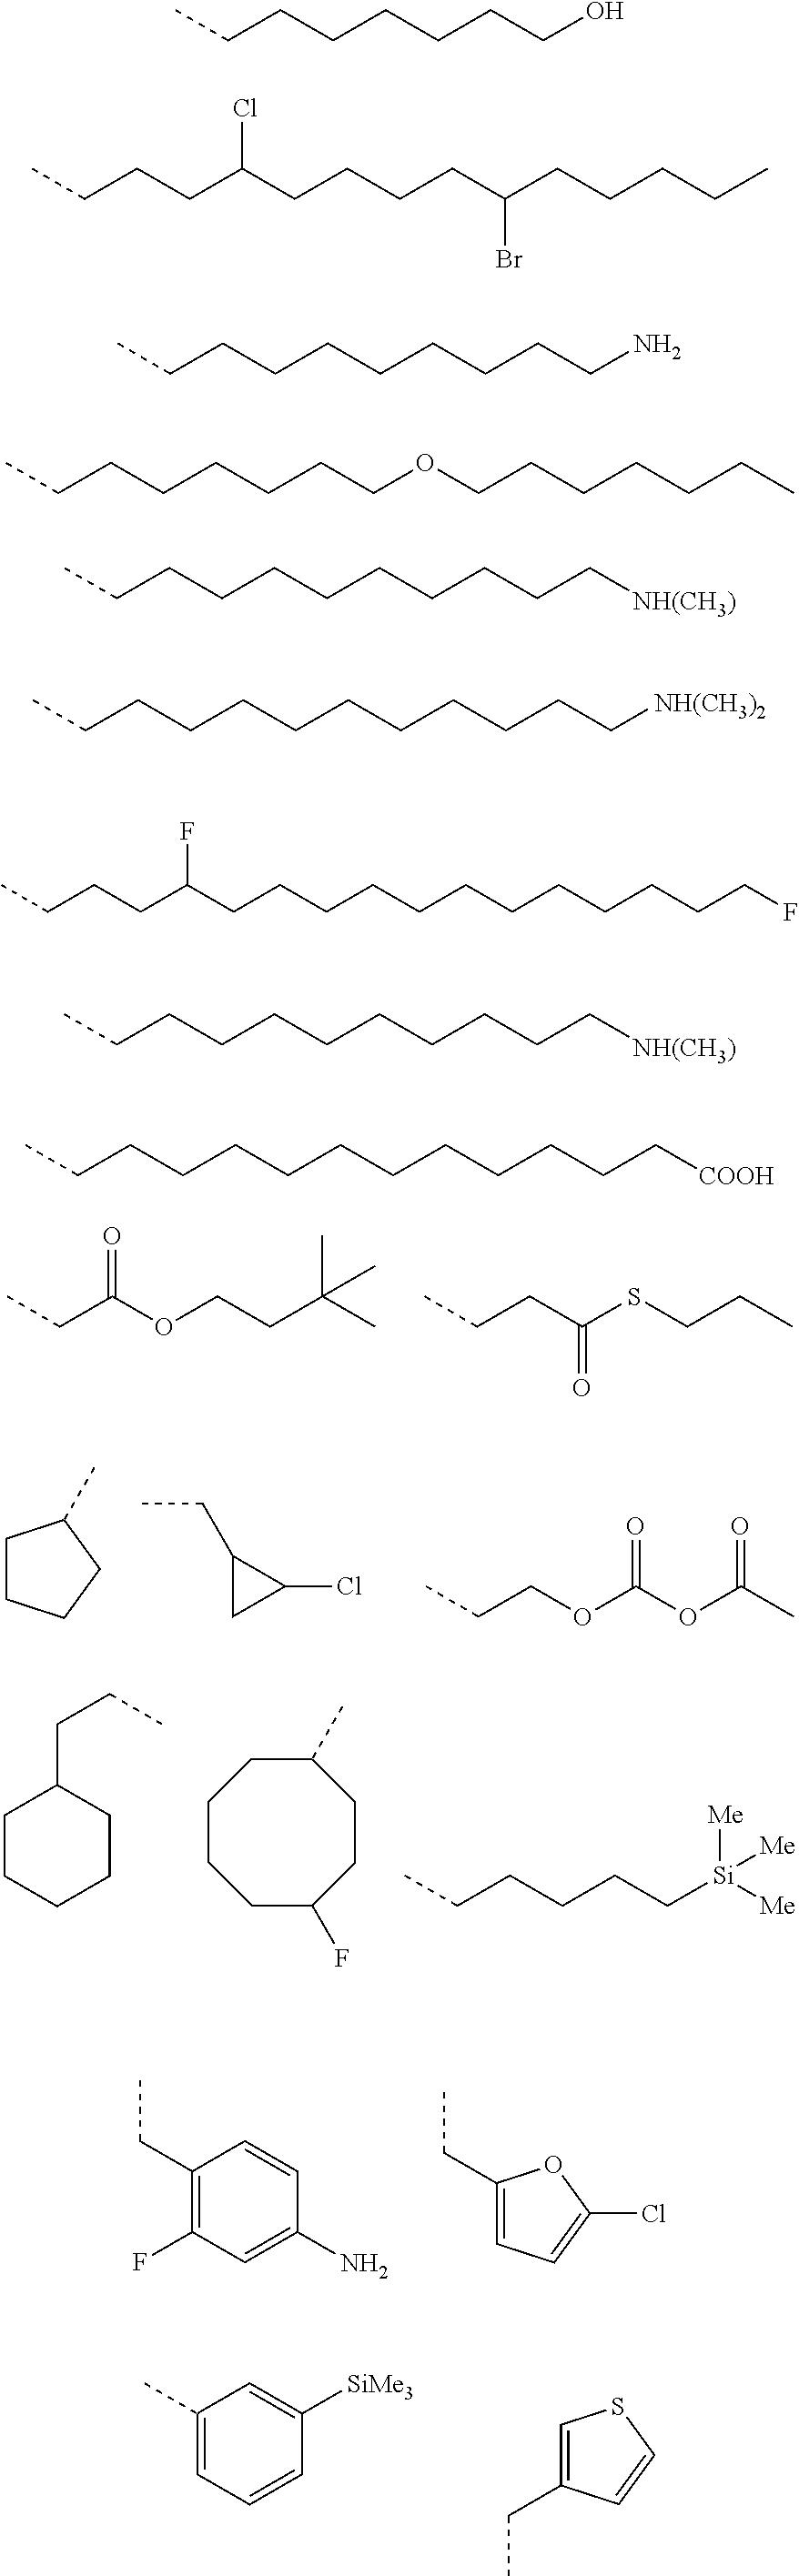 Figure US07671095-20100302-C00021